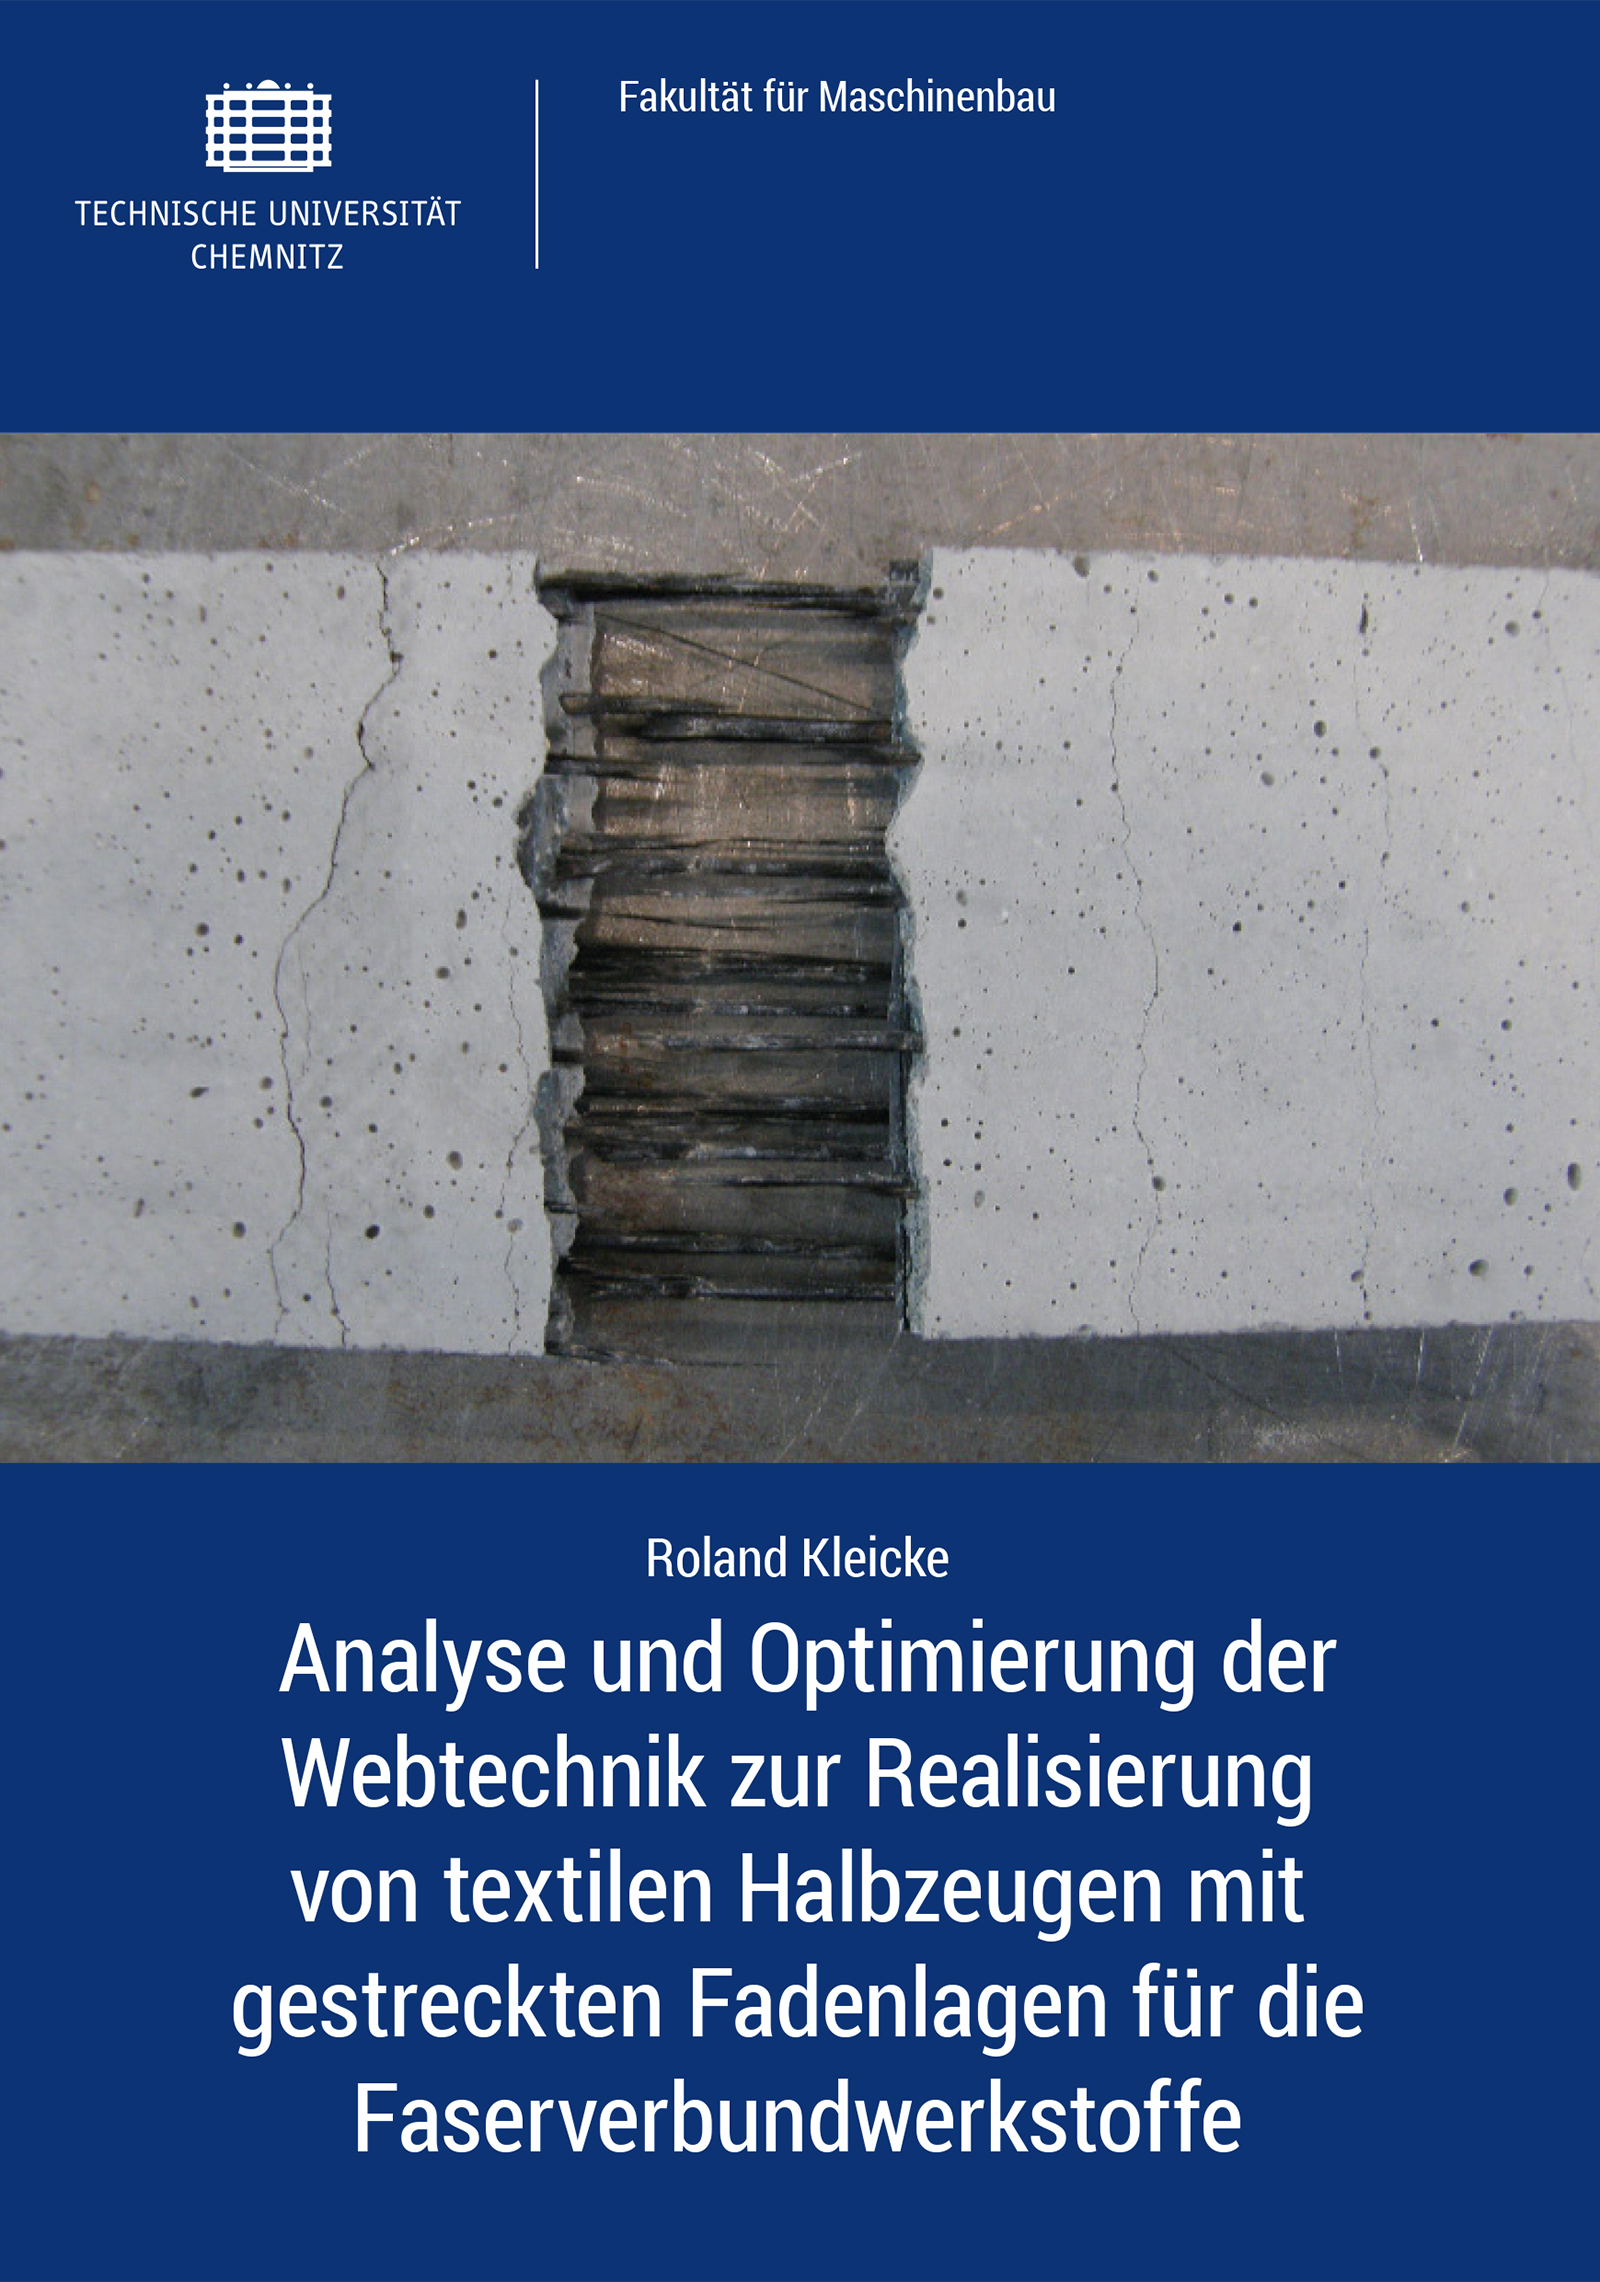 Cover: Analyse und Optimierung der Webtechnik zur Realisierung von textilen Halbzeugen mit gestreckten Fadenlagen für die Faserverbundwerkstoffe